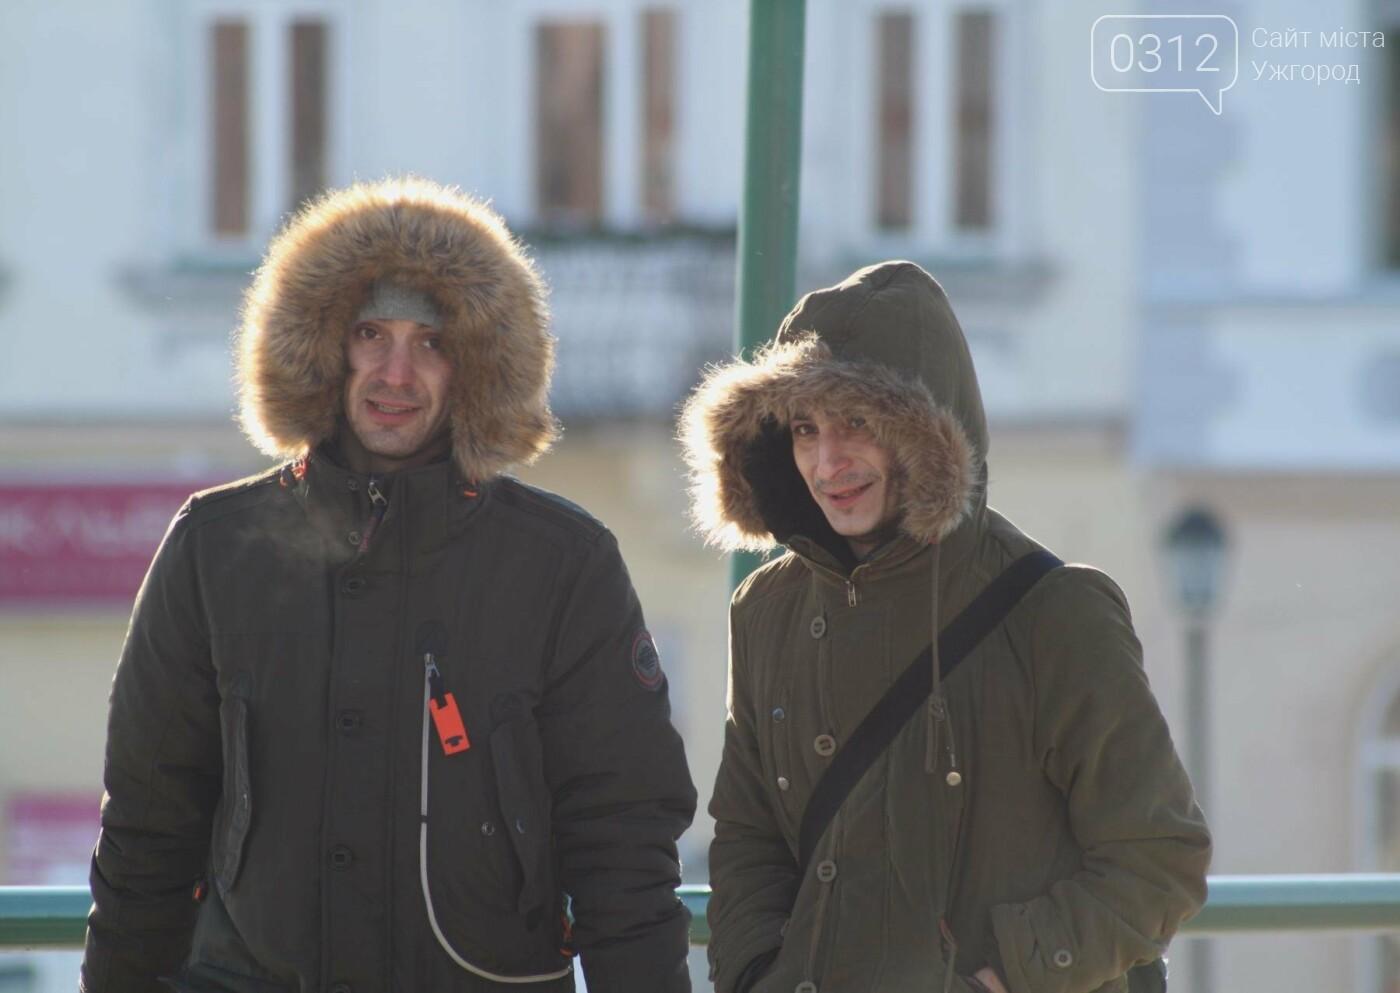 В Ужгороді - найхолодніший день цієї зими, а на завтра прогнозують снігопад , фото-2